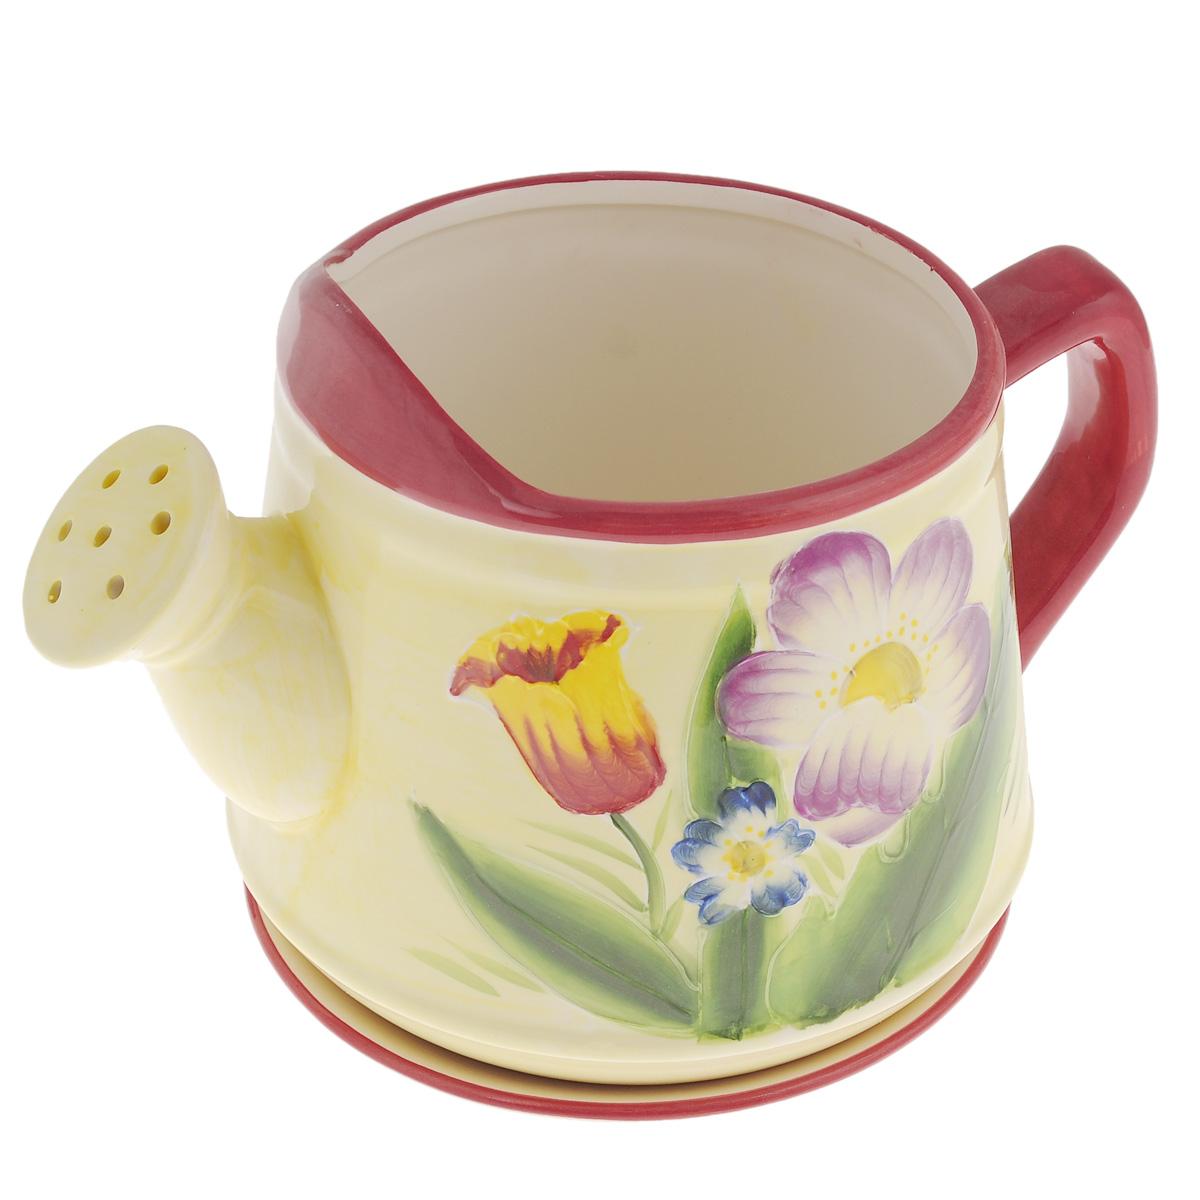 Кашпо Lillo Лейка, с поддоном. XY10S009DXY10S009DКашпо-горшок для цветов Lillo Лейка выполнен из прочной керамики и декорирован красочным рисунком. Изделие предназначено для цветов. Такие изделия часто становятся последним штрихом, который совершенно изменяет интерьер помещения или ландшафтный дизайн сада. Благодаря такому кашпо вы сможете украсить вашу комнату, офис, сад и другие места. Изделие оснащено специальным поддоном - блюдцем. Диаметр кашпо по верхнему краю: 15,5 см. Высота кашпо (без учета поддона): 19 см. Диаметр поддона: 20,5 см.